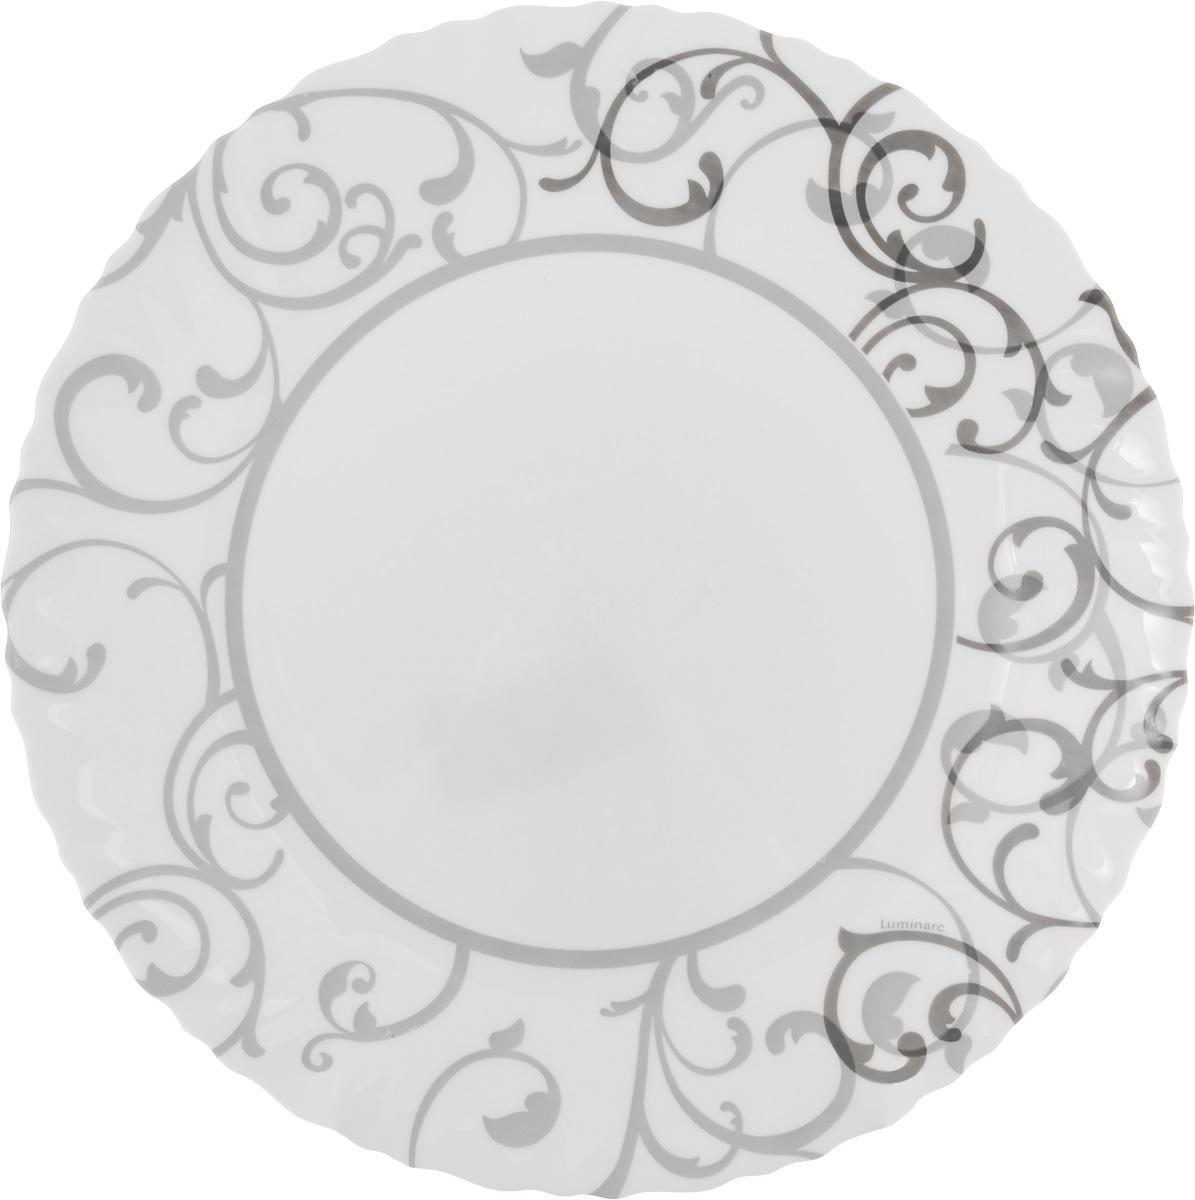 Тарелка обеденная Luminarc Aliya, цвет: белый, серый, диаметр 25 смJ3248_серый орнаментОбеденная тарелка Luminarc Aliya, изготовленная из высококачественного ударопрочного стекла, имеет изысканный внешний вид. Яркий дизайн придется по вкусу и ценителям классики, и тем, кто предпочитает утонченность. Тарелка Luminarc Aliya идеально подойдет для сервировки стола и станет отличным дополнением к коллекции вашей кухонной посуды. Предназначена для подачи вторых блюд. Можно мыть в посудомоечной машине и использовать для разогрева пищи в микроволновой печи.